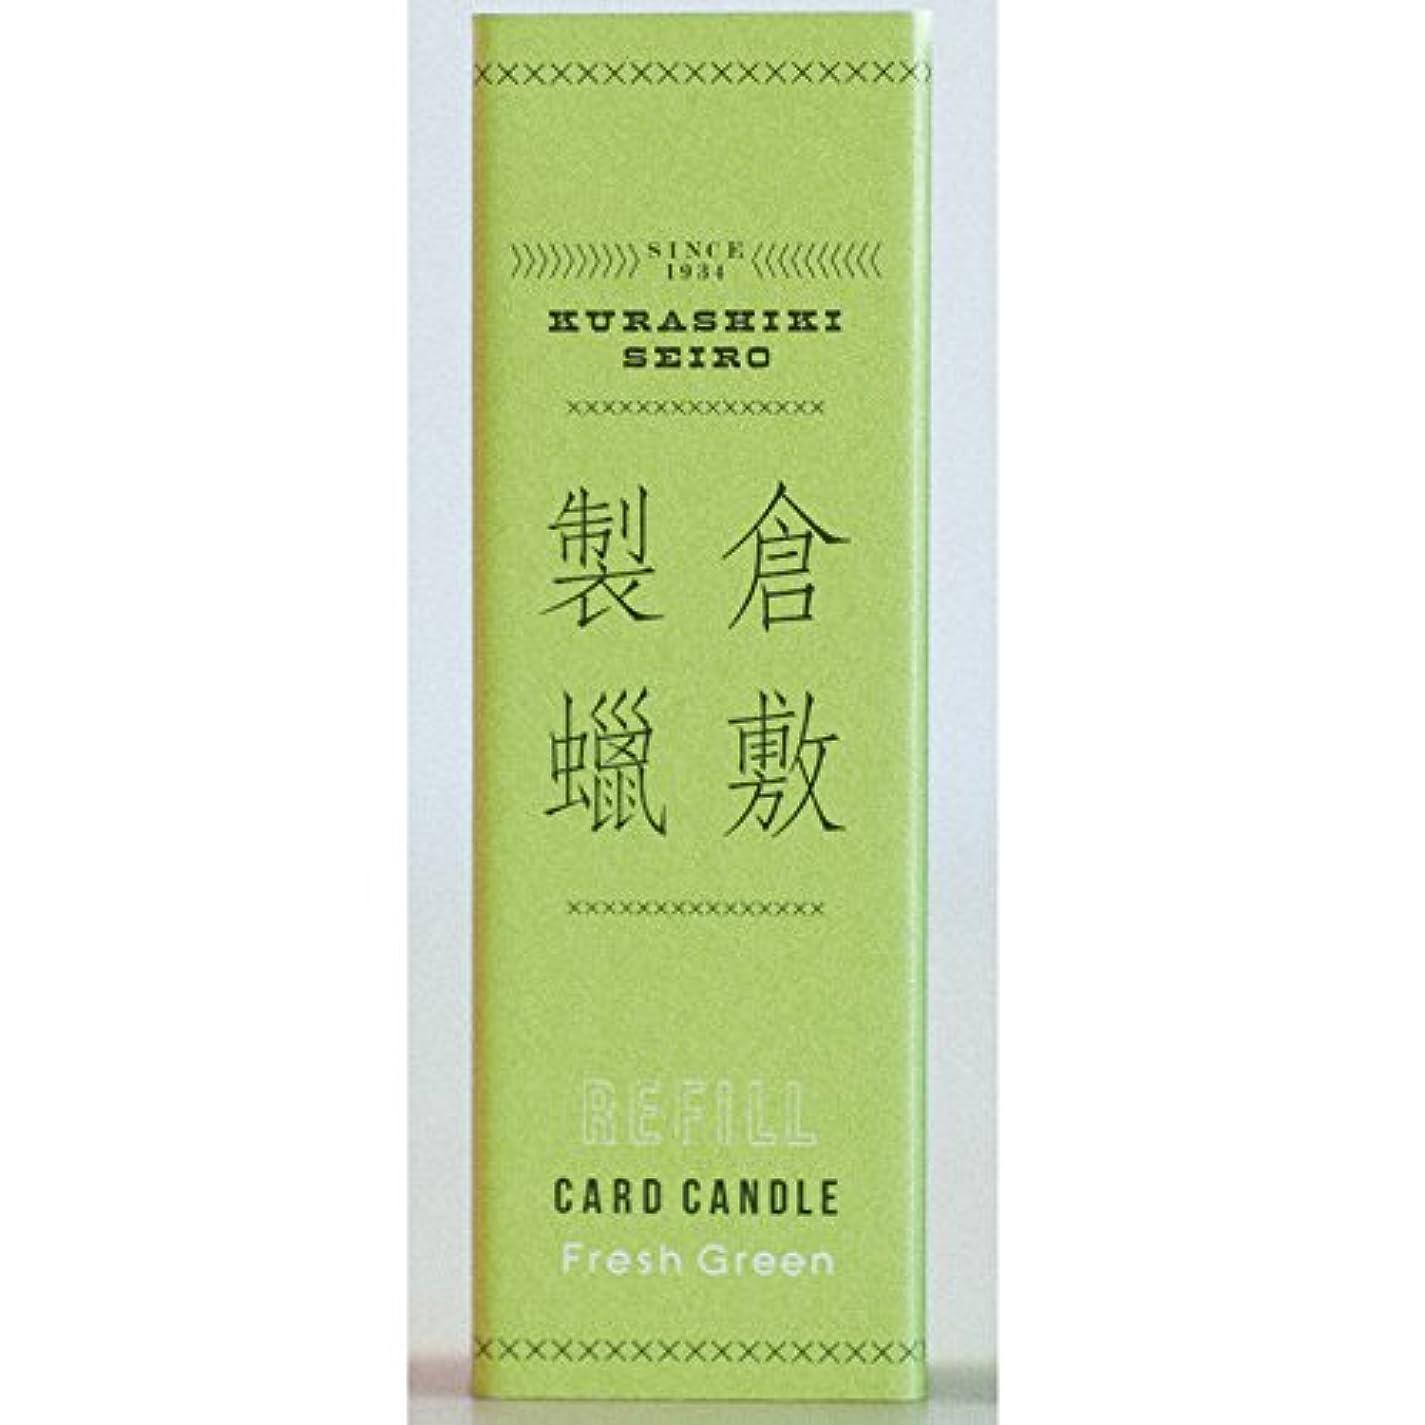 右ワット普通に倉敷製蝋 CARD CANDLE REFILL (Fresh Green)